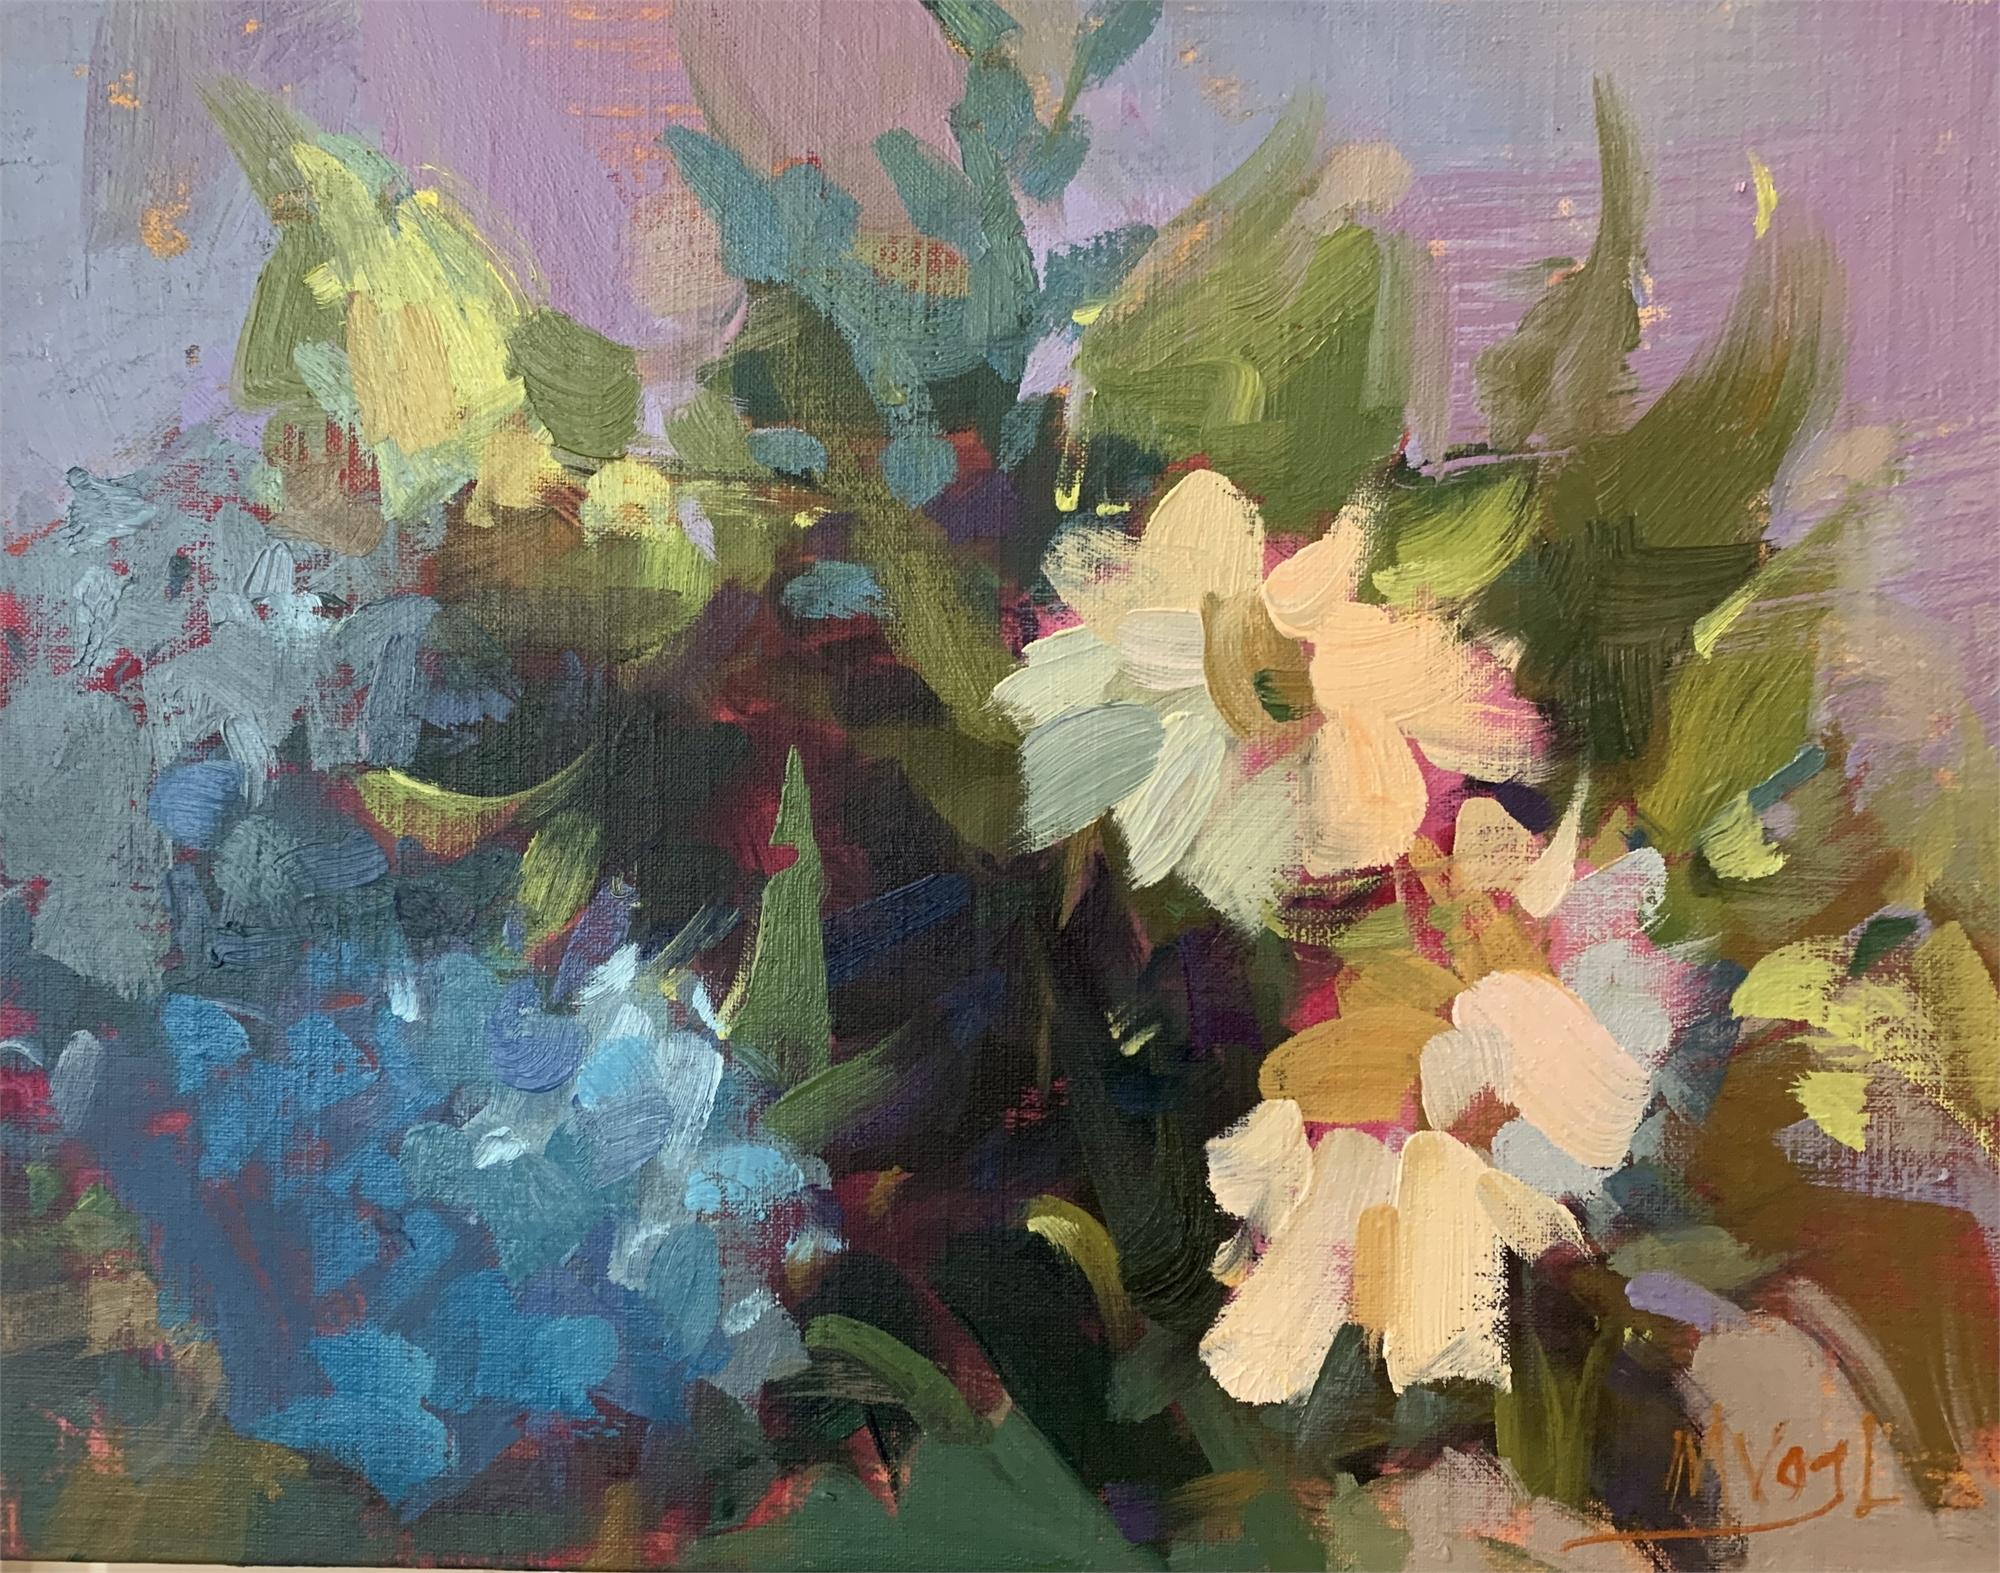 Petals of Blue by Marissa Vogl